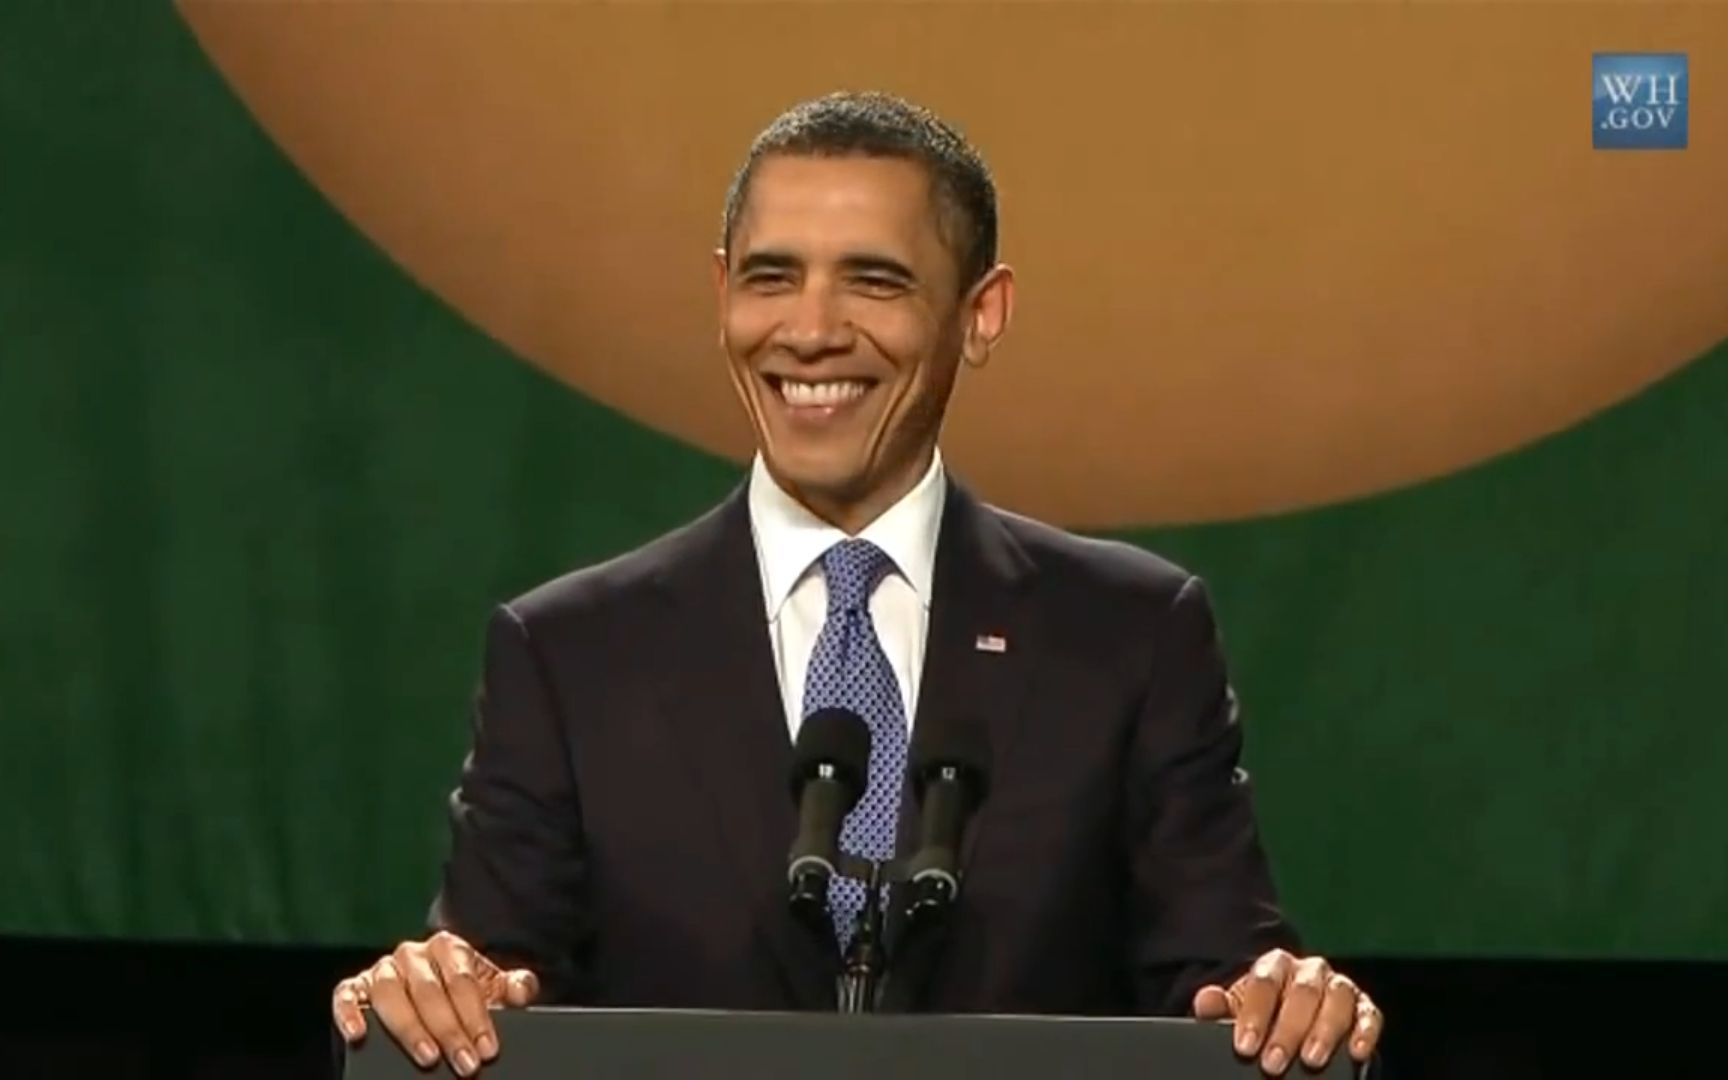 奥巴马帅气头像_【神剪辑】奥巴马演唱会 美国总统你怎么这么可爱-爱哔哩(B站 ...